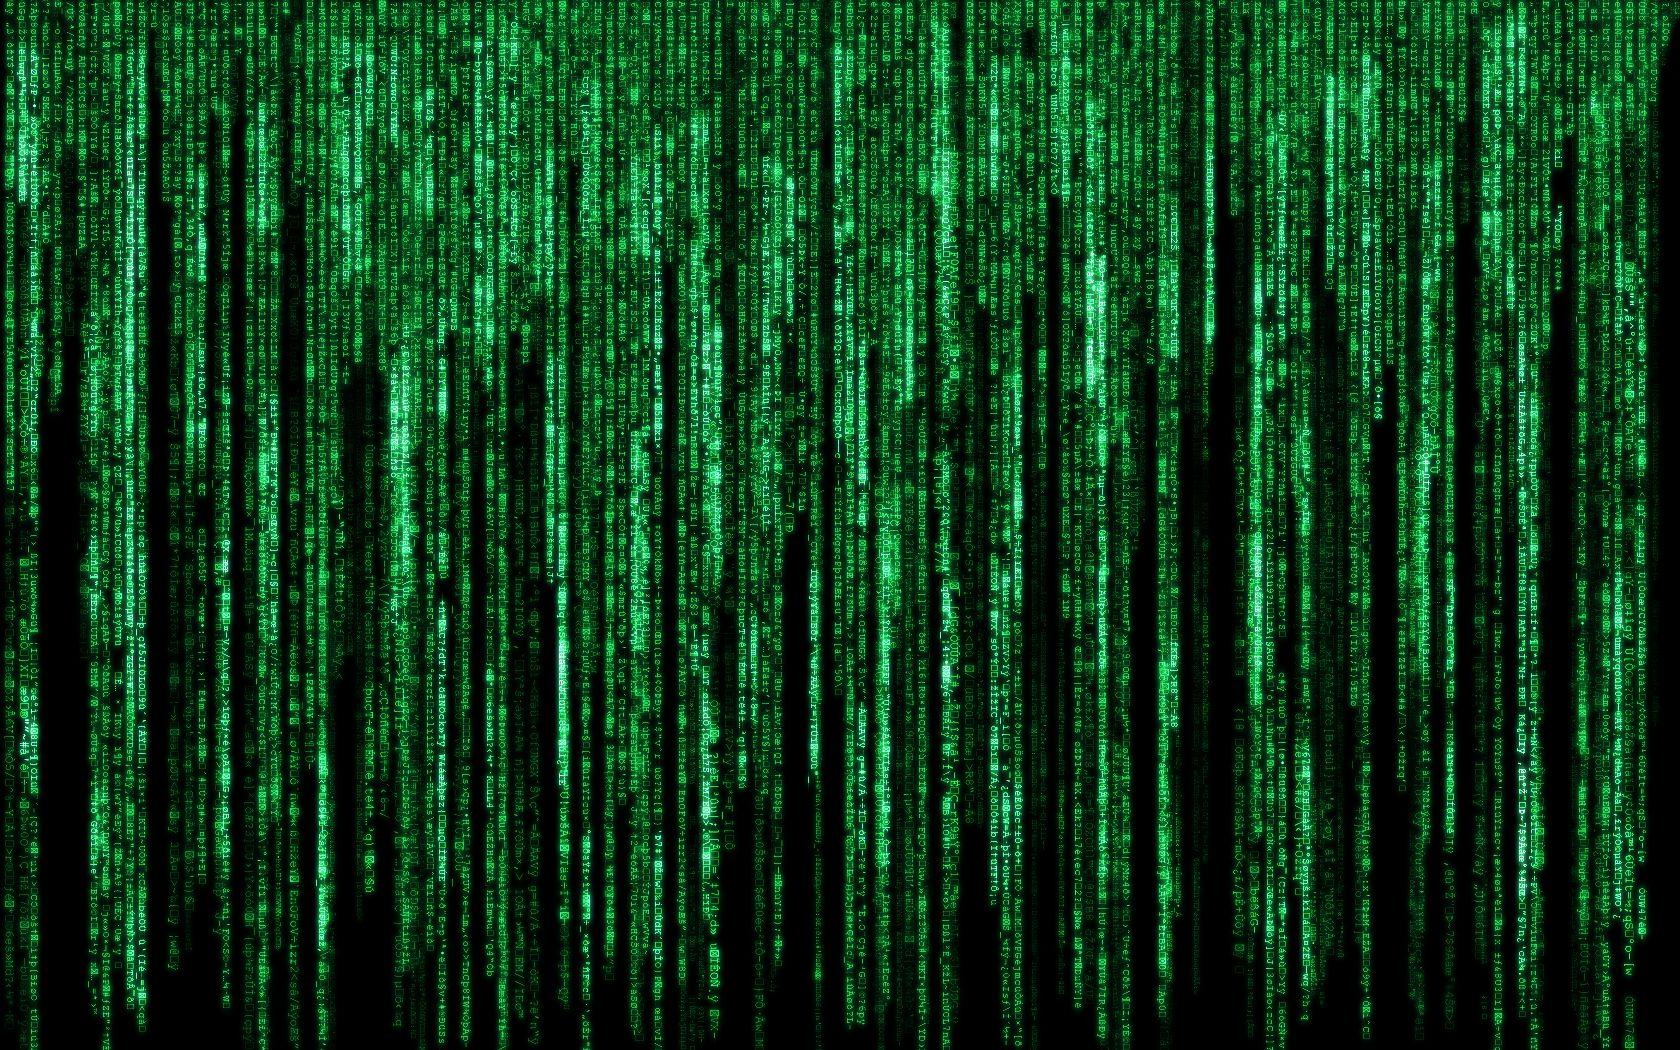 Matrix Wallpapers Http Wallpaperzoo Com Matrix Wallpapers 18378 Html Matrix Moving Wallpapers 3840x1080 Wallpaper Wallpaper